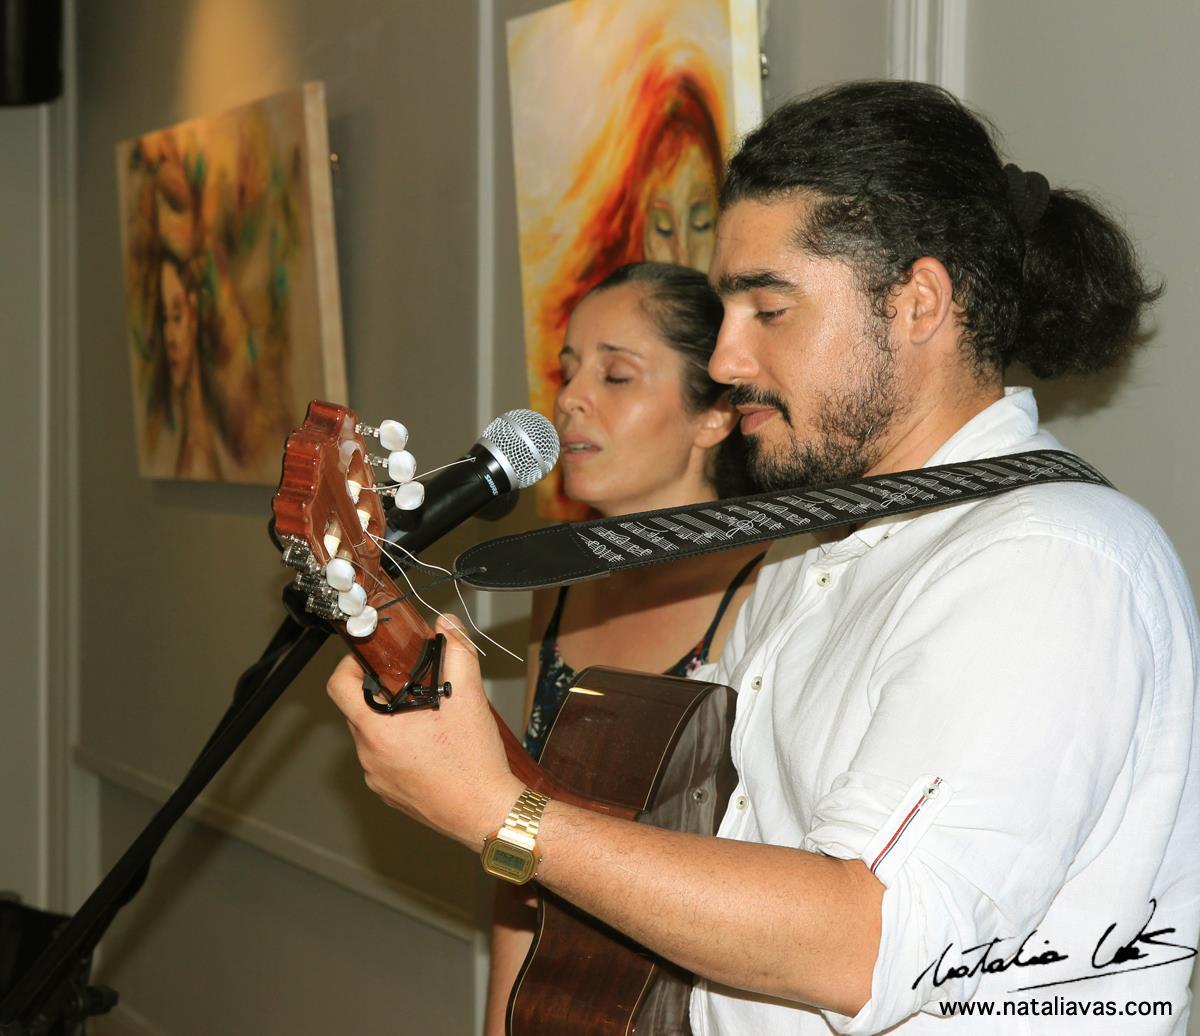 Art Natalia Vas Consulado Argentino